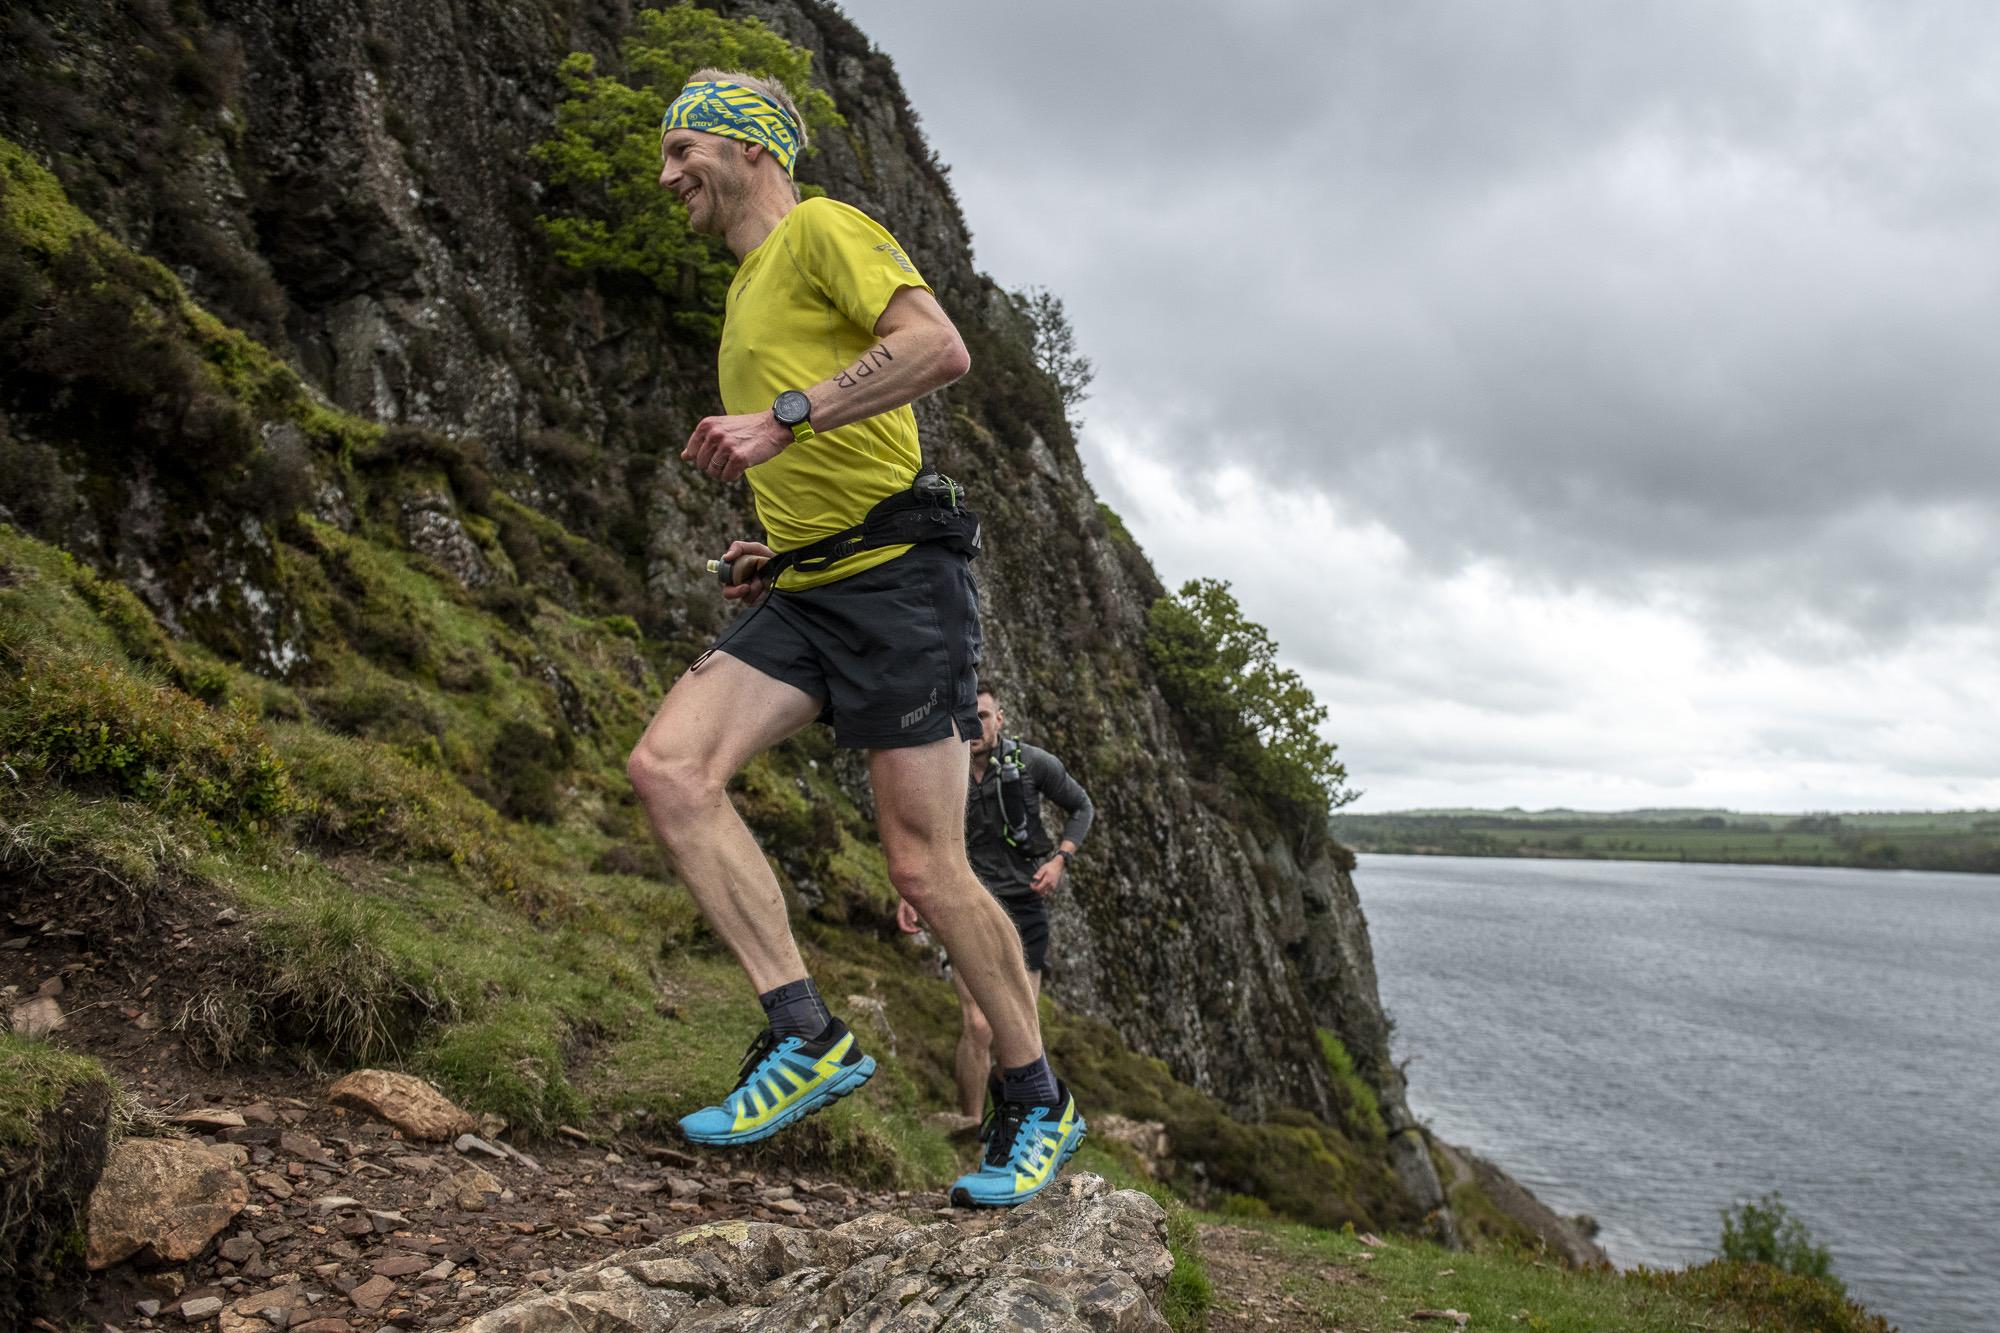 Damian Hall loopt een rotsachtig pad op en glimlacht